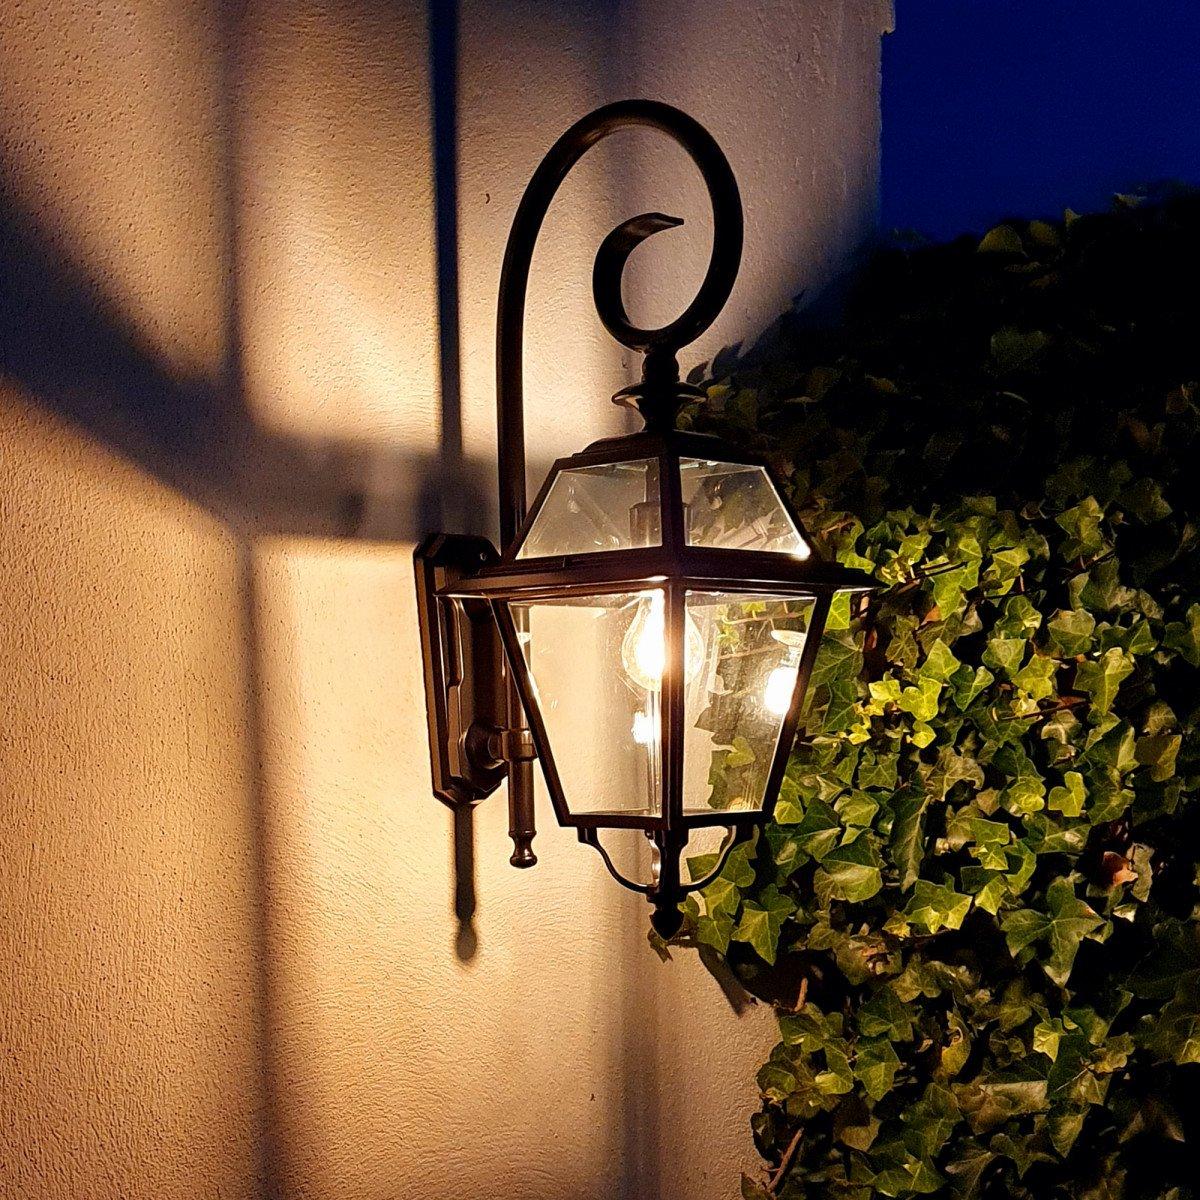 Stijlvolle zwarte buitenlamp met grote heldere beglazing, een luxe wandlantaarn voor buiten, strak klassieke buitenverlichting, met KS Verlichting